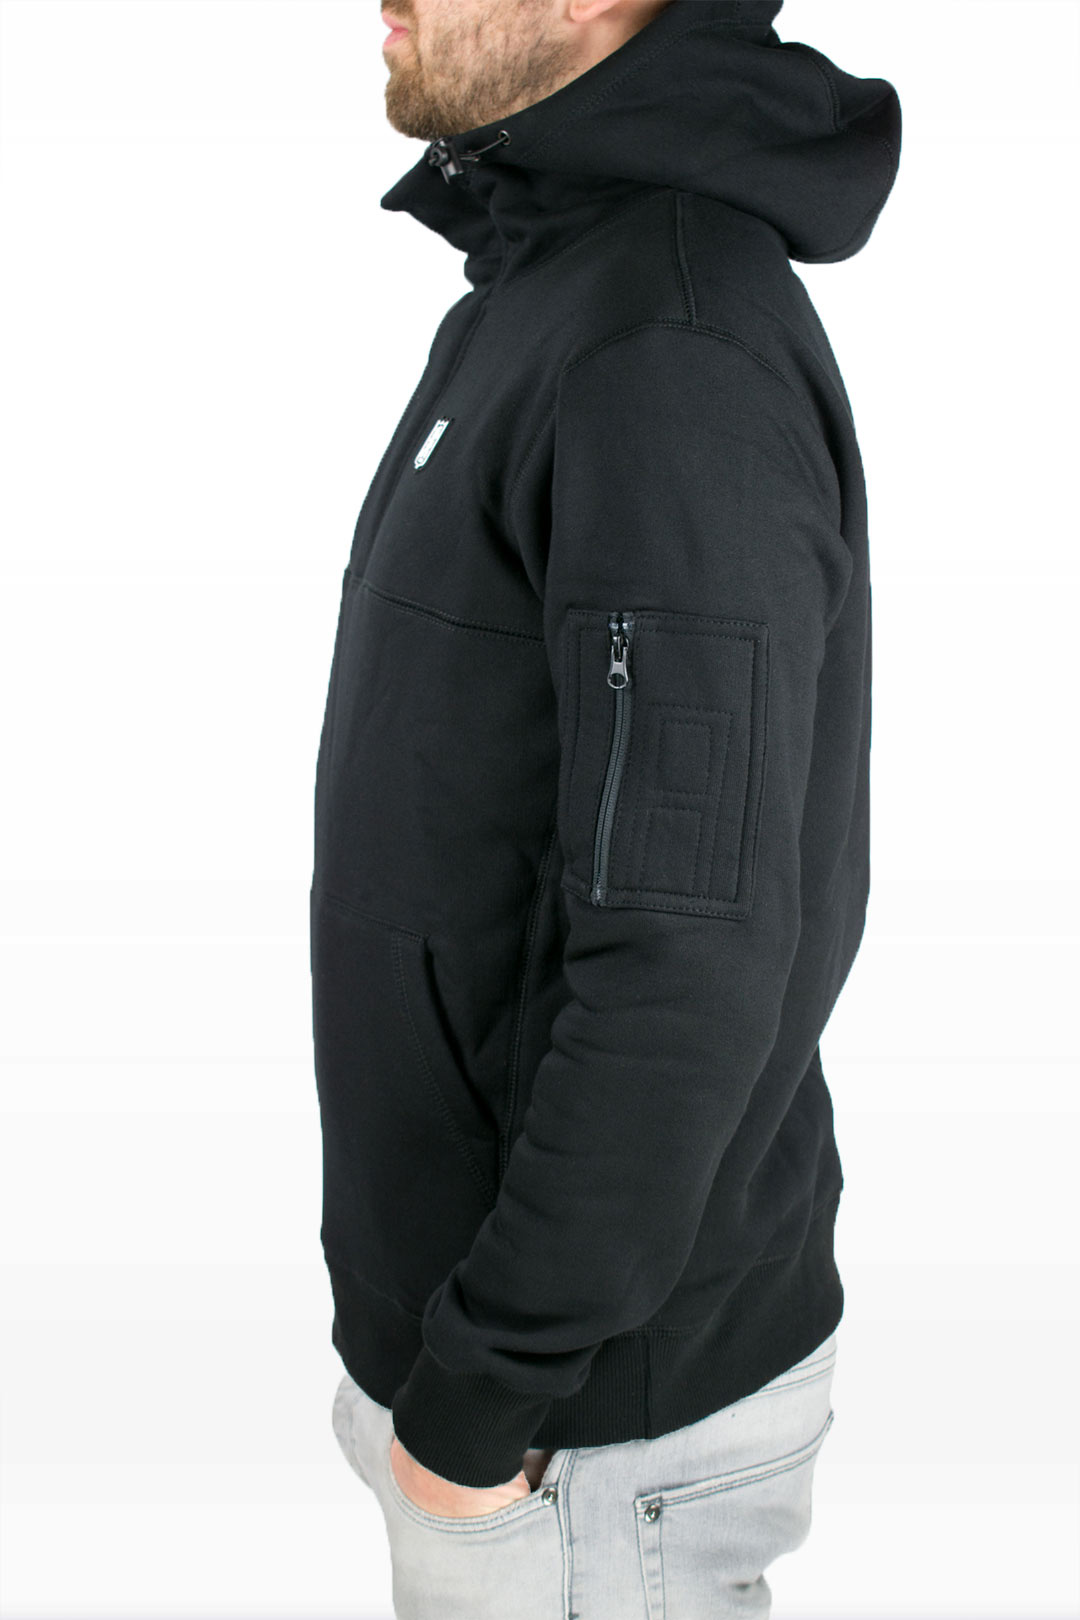 Hooded Ninja Sweater